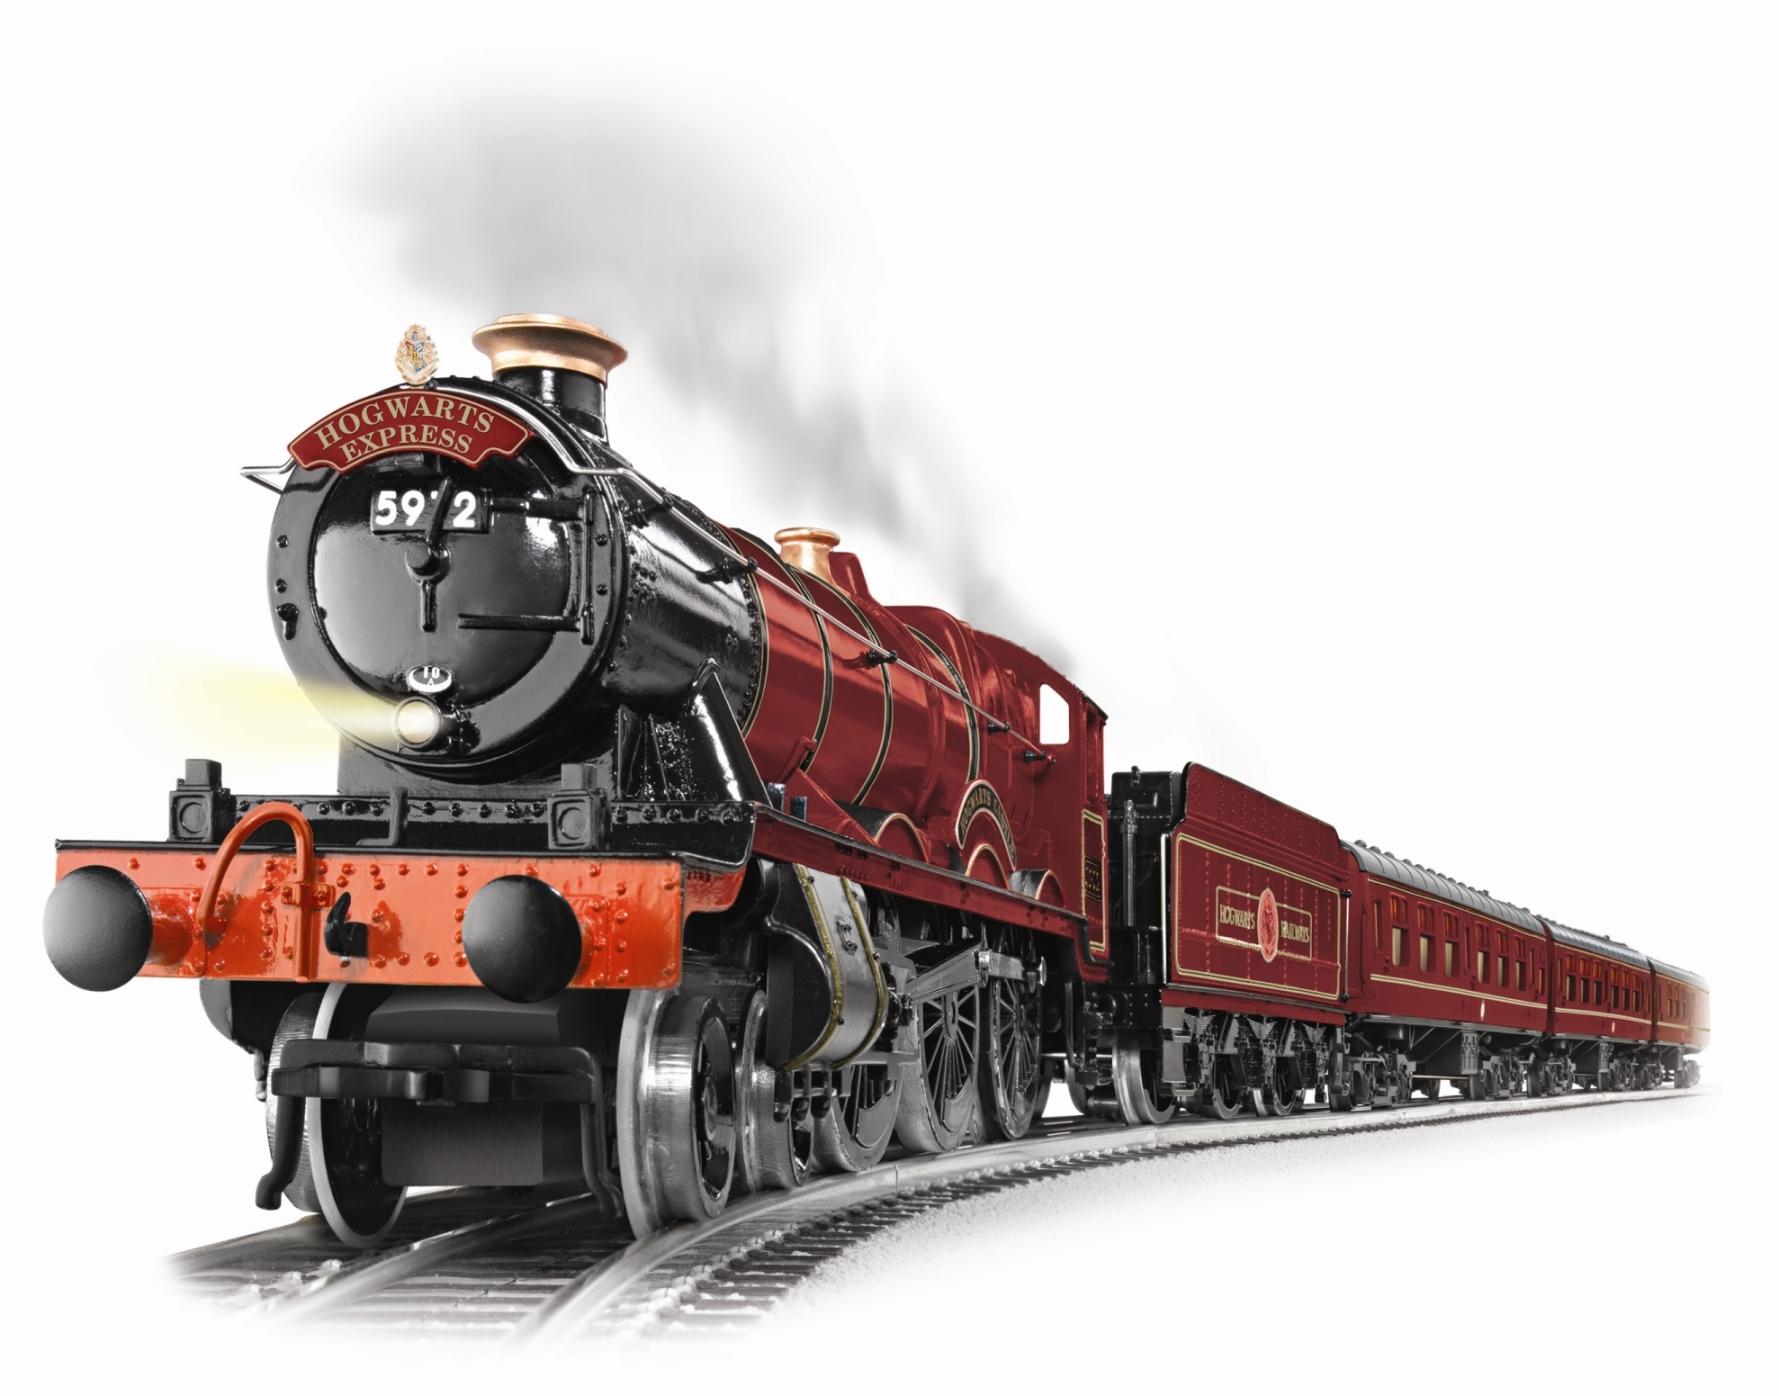 lionel train wallpaper - photo #41